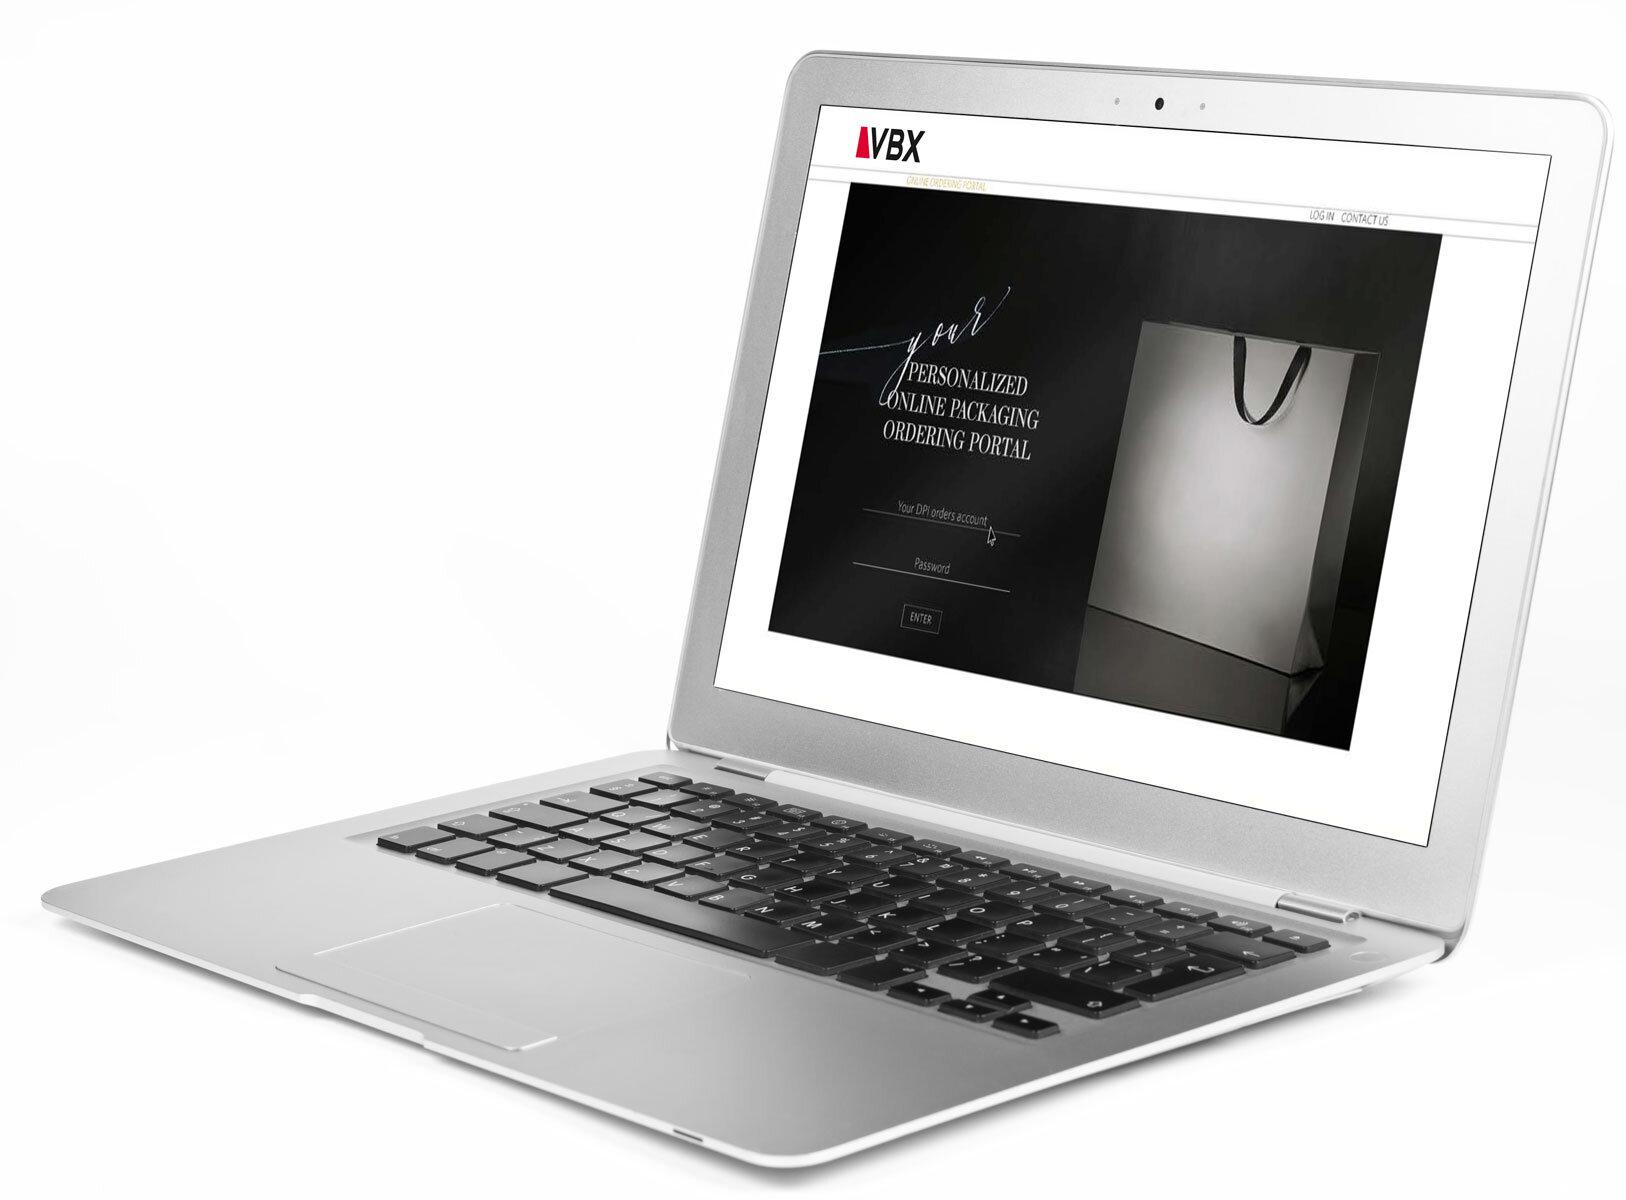 笔记本电脑 - 空调-NLMT3VX.jpg